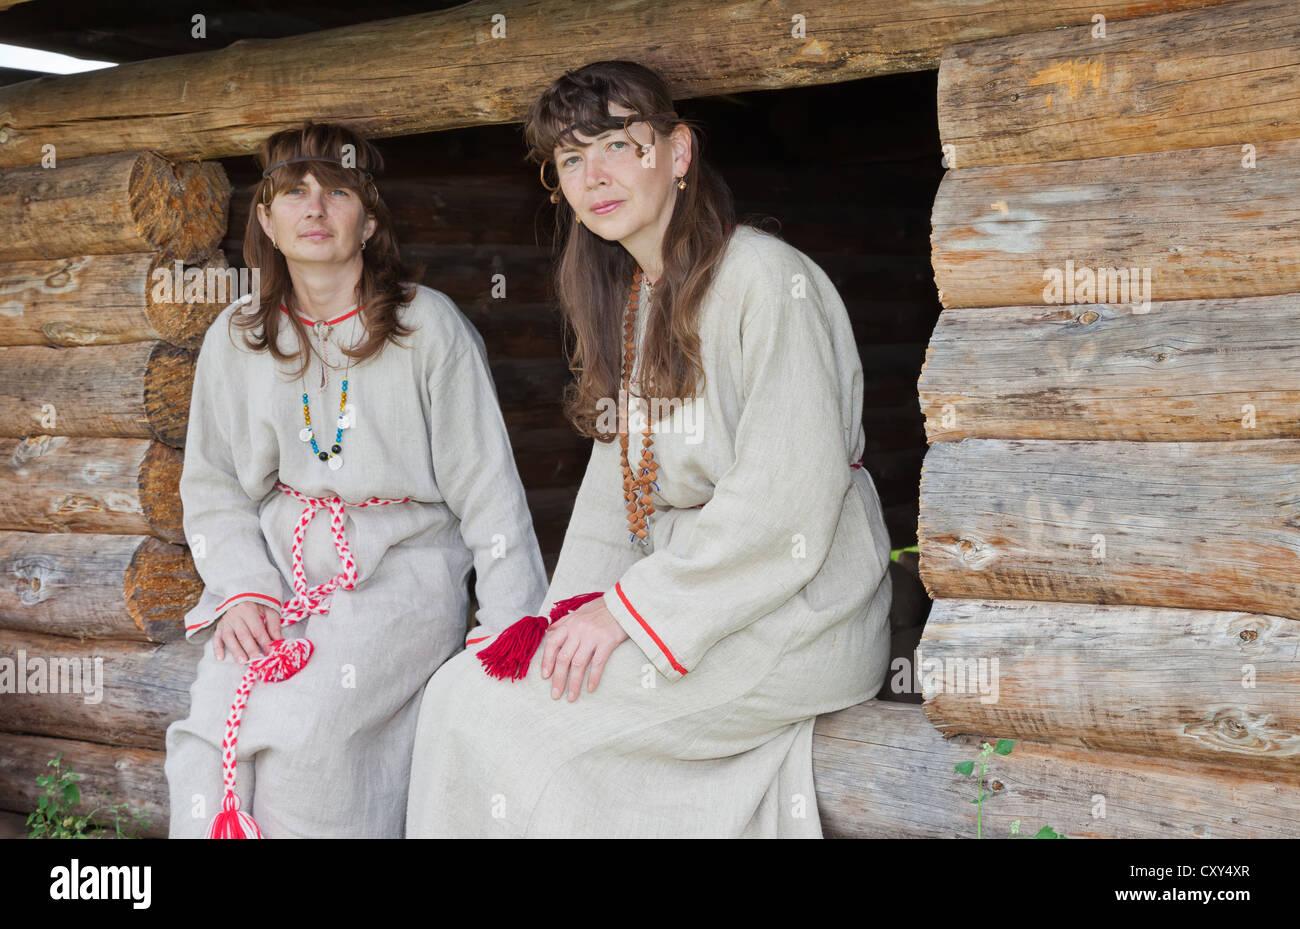 Zwei Weisse Frauen In Der Russischen Folklore Kleidung Stockfoto